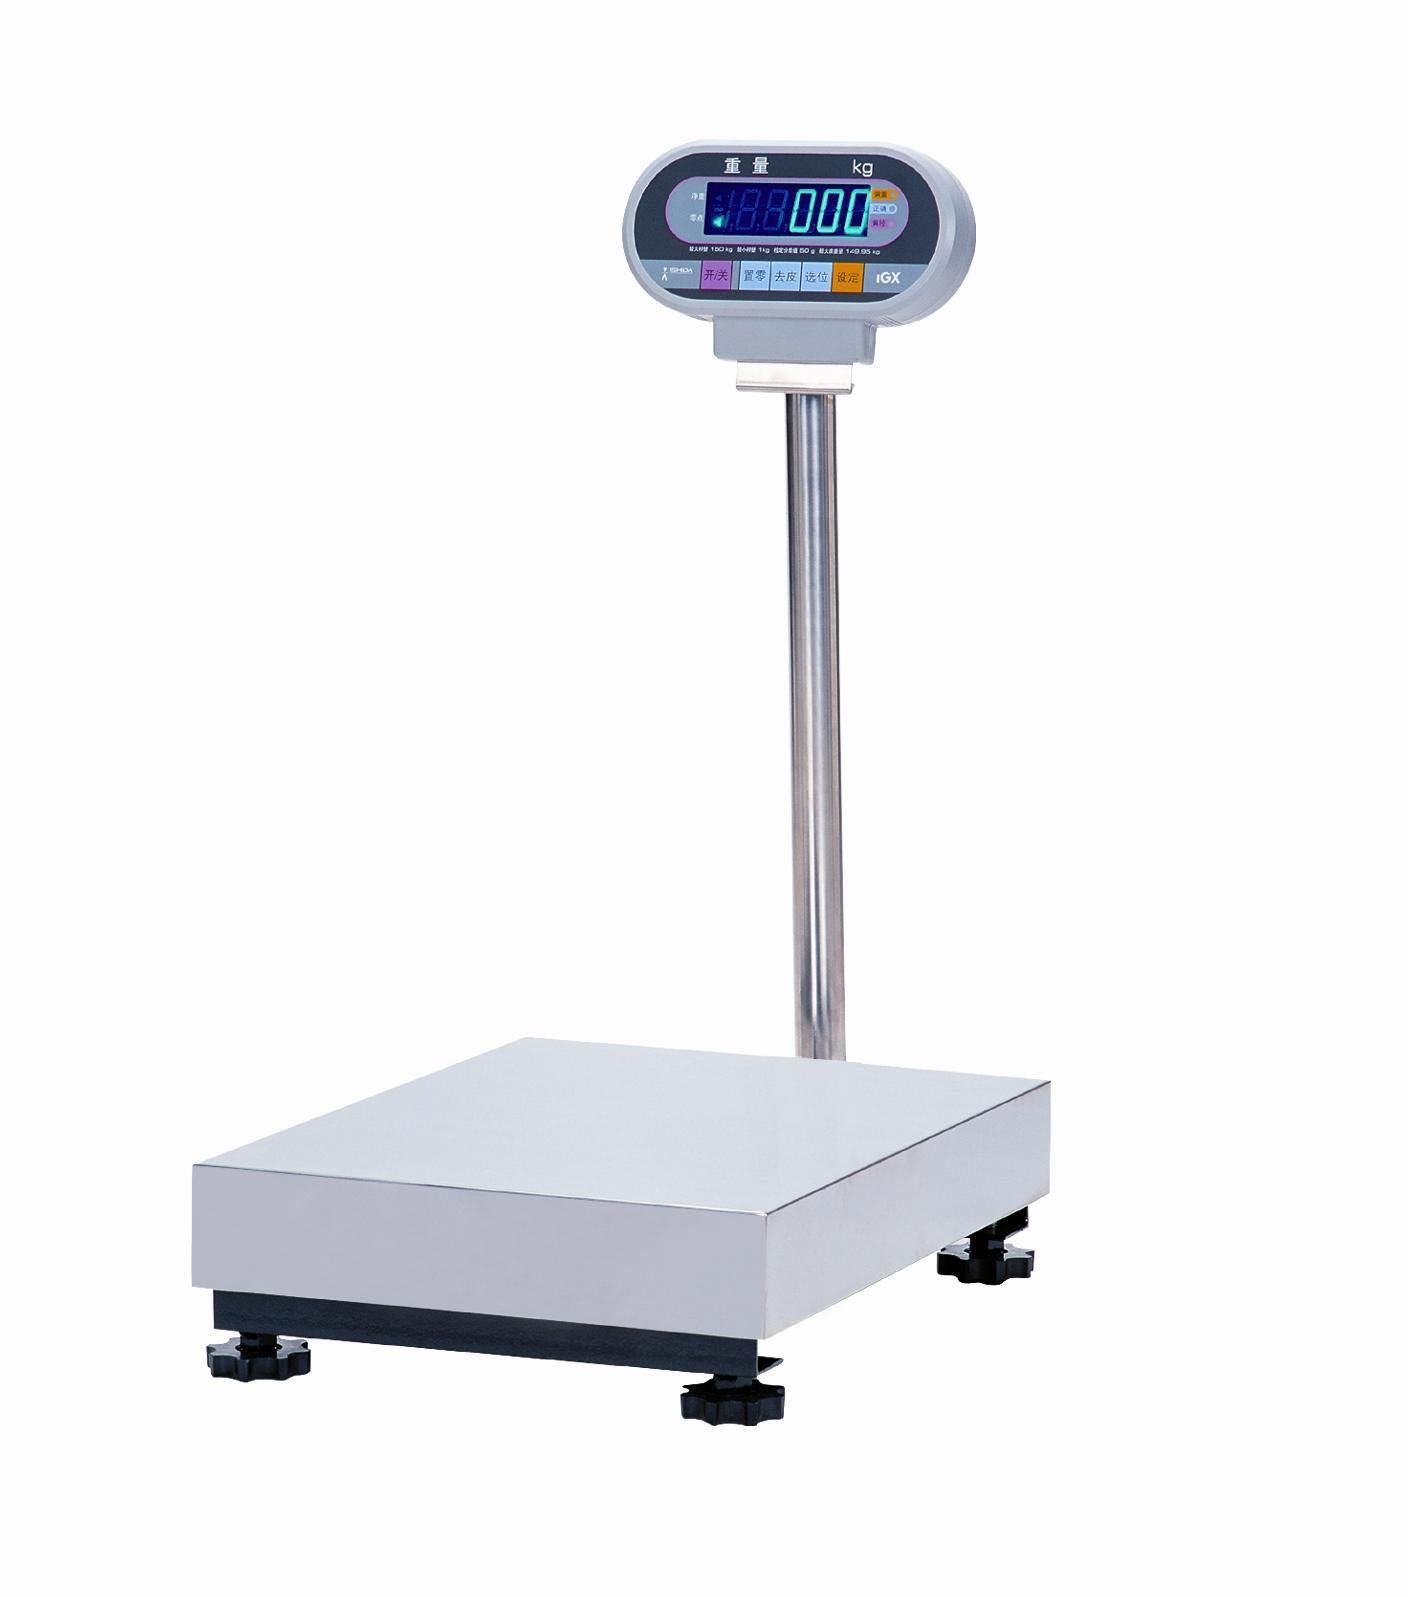 石田ISHIDA IGX-150KG 荧光显示屏 可保存皮重 食品加工 电子台秤